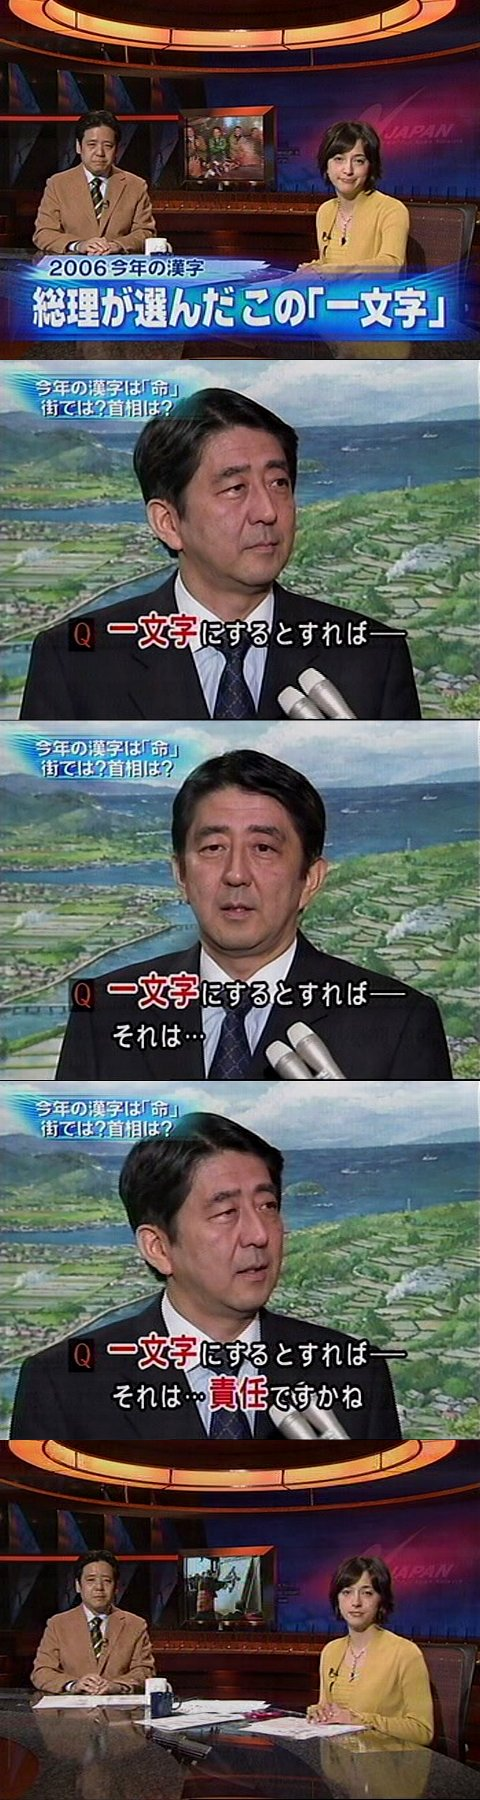 【テレビインタビューおもしろ画像】2006年に安倍首相が選んだ今年の「一文字」(笑)